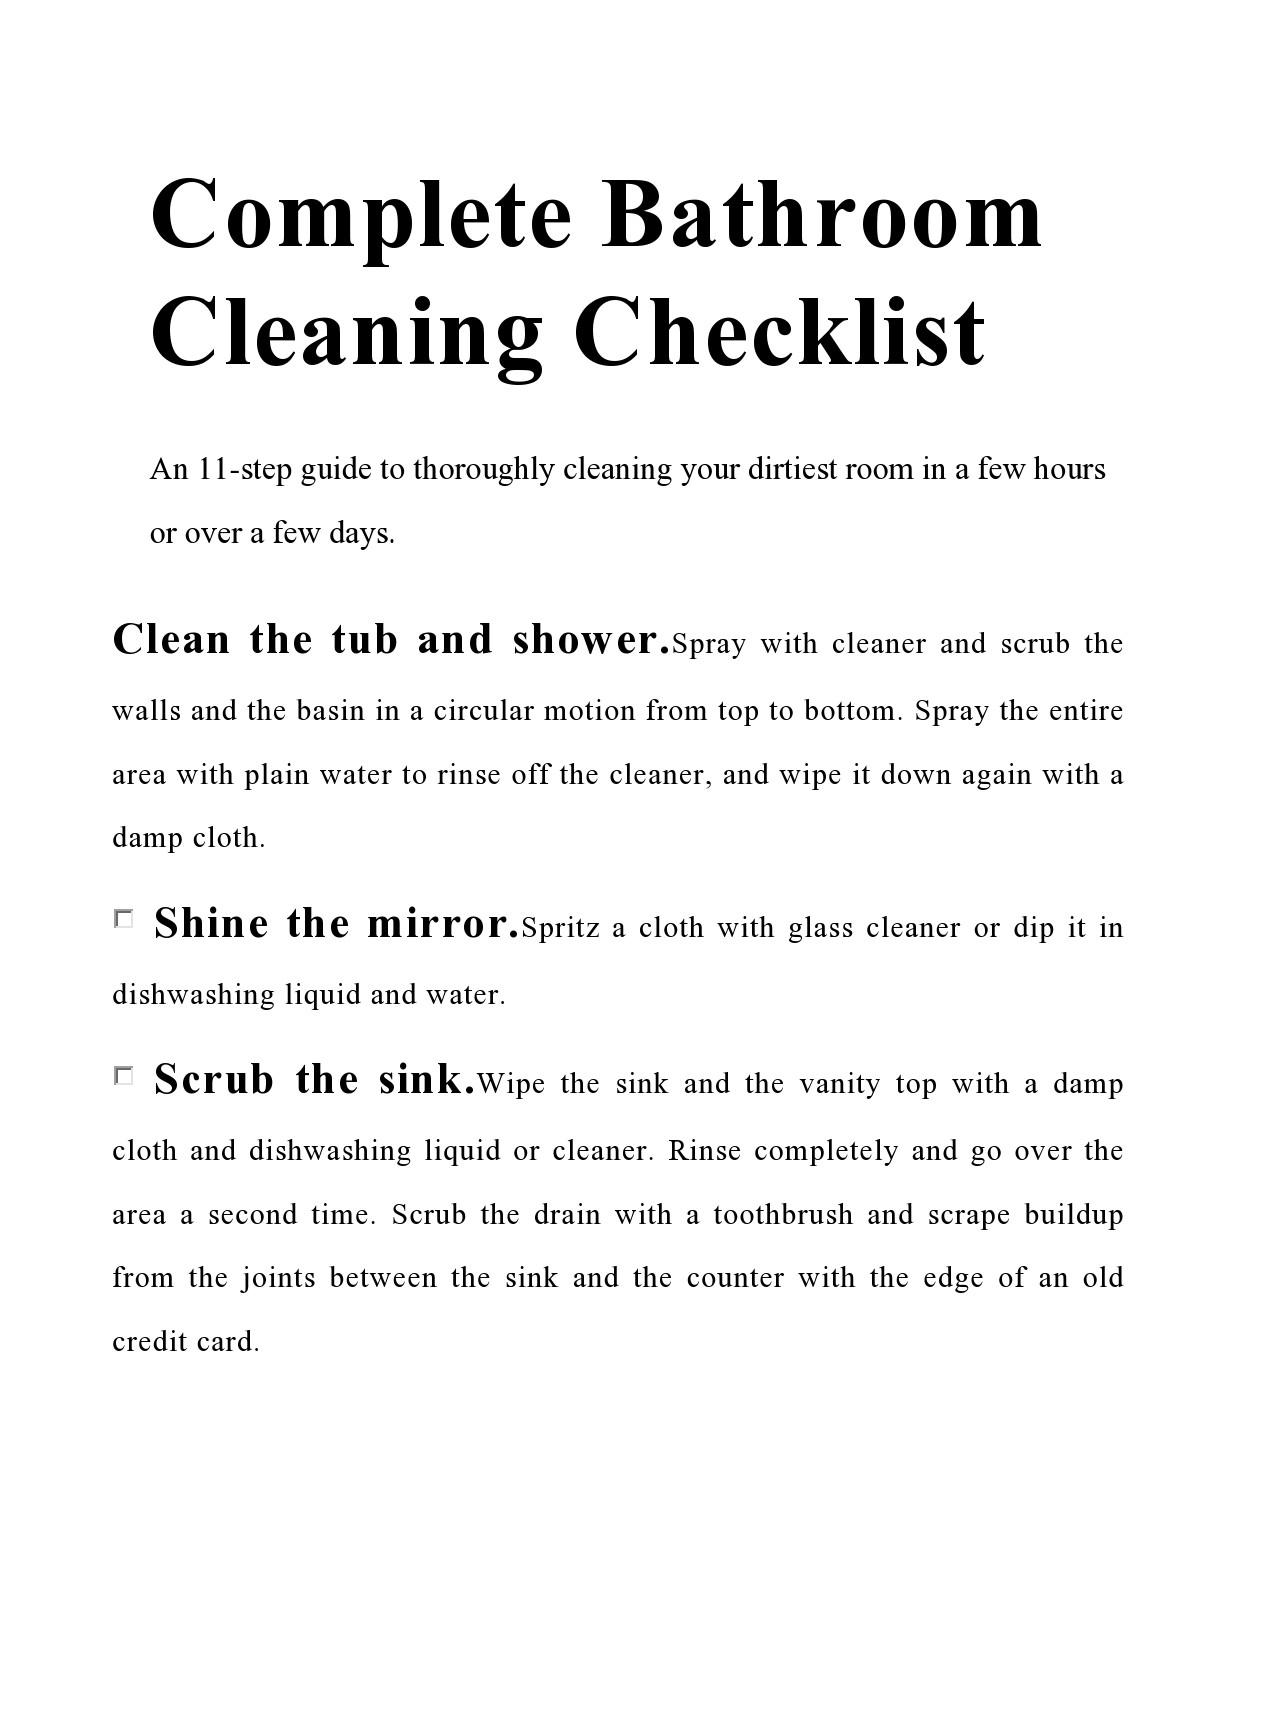 Free bathroom cleaning checklist 40